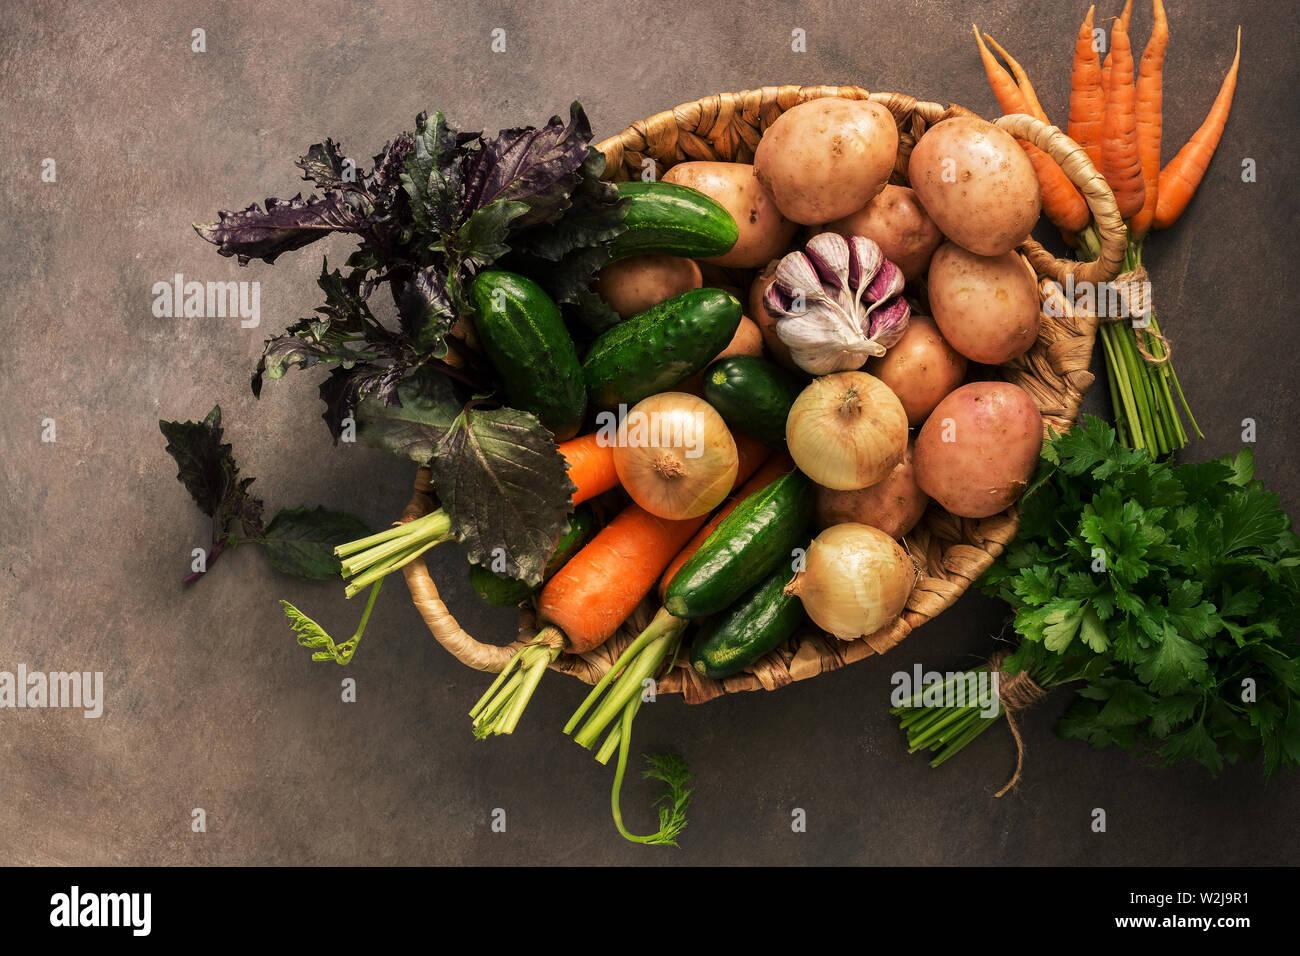 Verdura cruda fresca de la nueva cosecha, patatas, cebollas, zanahorias, pepinos, ajo, perejil y albahaca en una cesta en un oscuro fondo rústico. Top vie Foto de stock